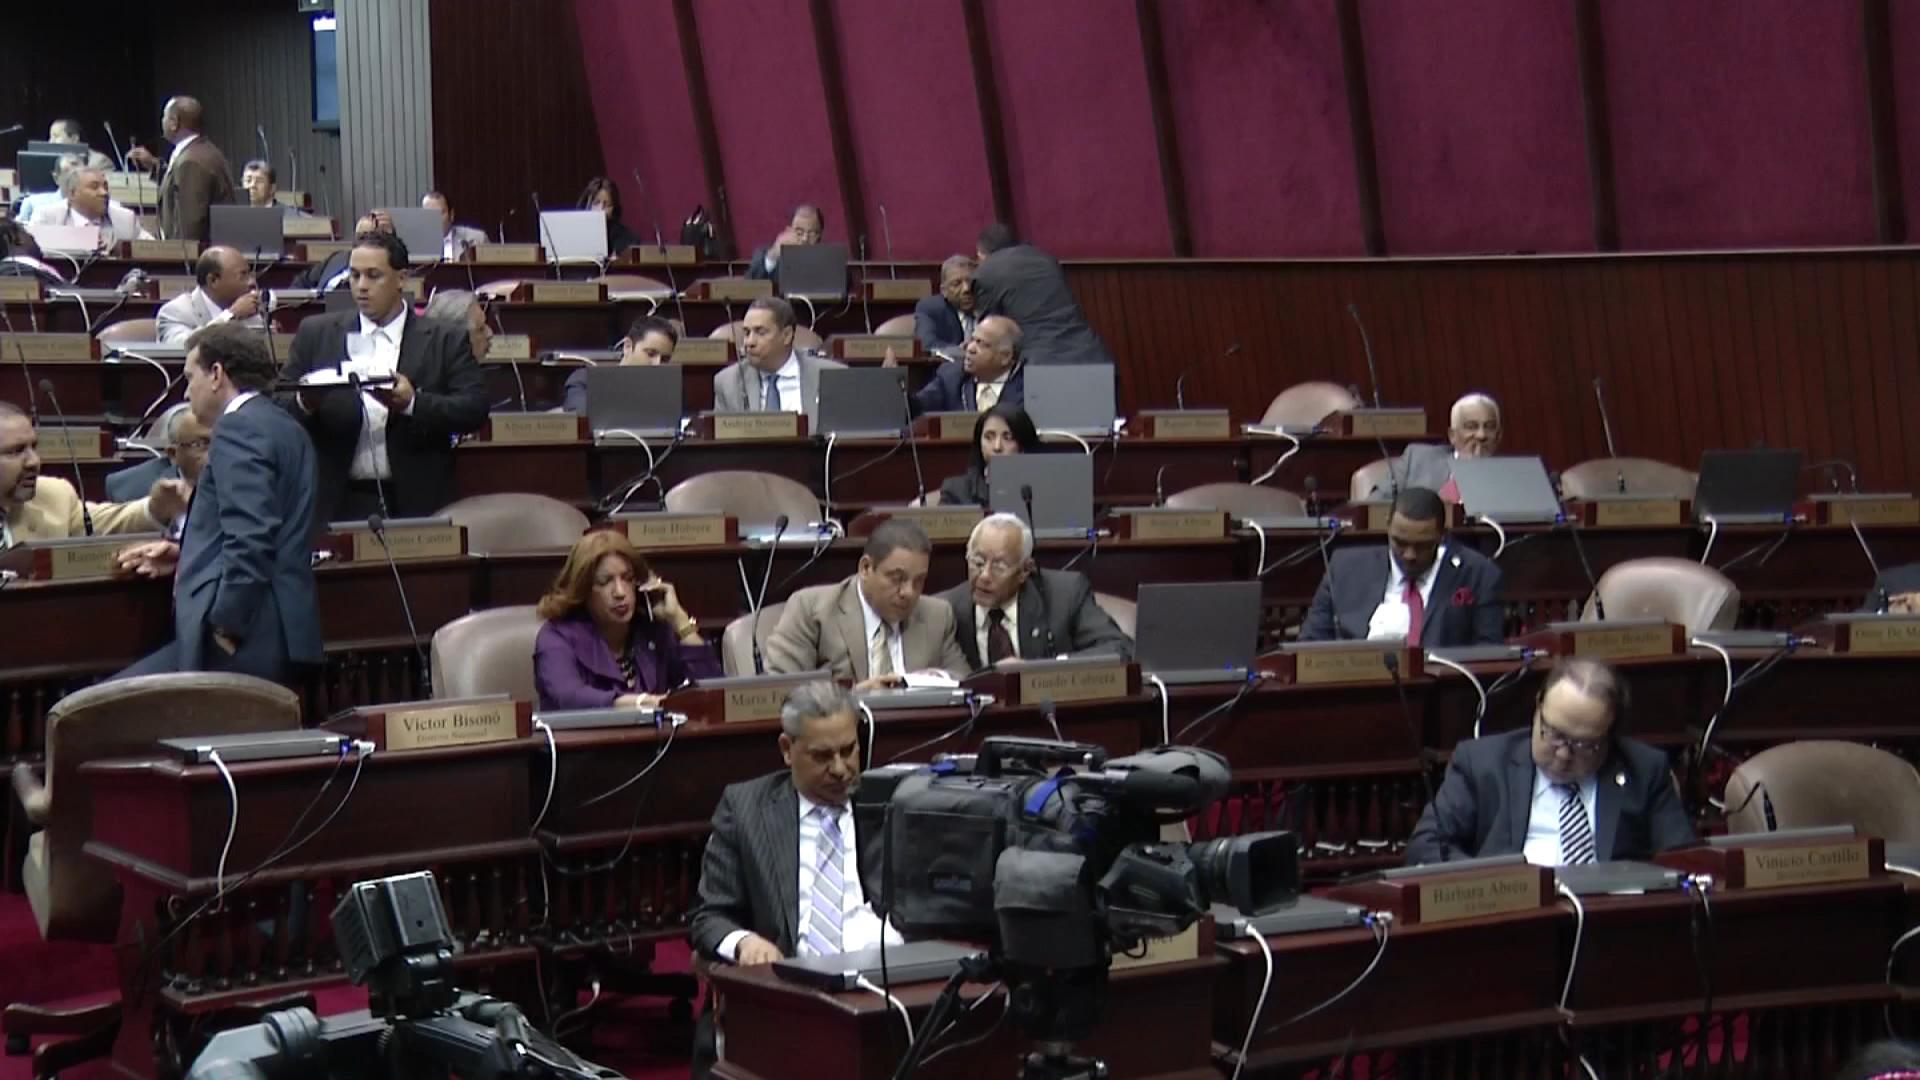 Diputados peledeístas afirman proyecto para reforma pasará sin problemas en la Cámara Baja